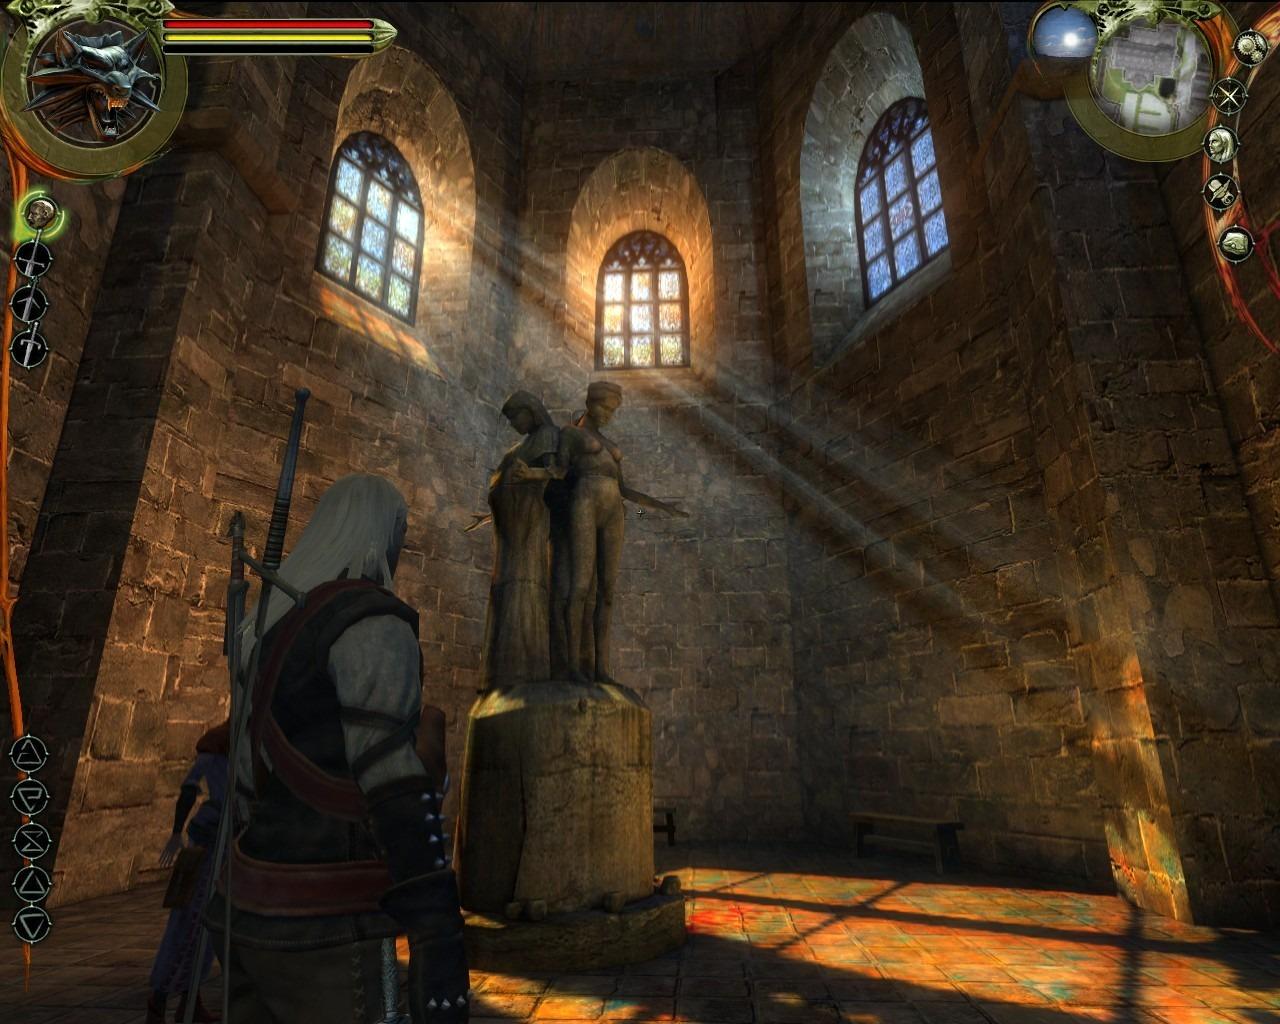 jeuxvideo.com The Witcher - Enhanced Edition - PC Image 16 sur 74